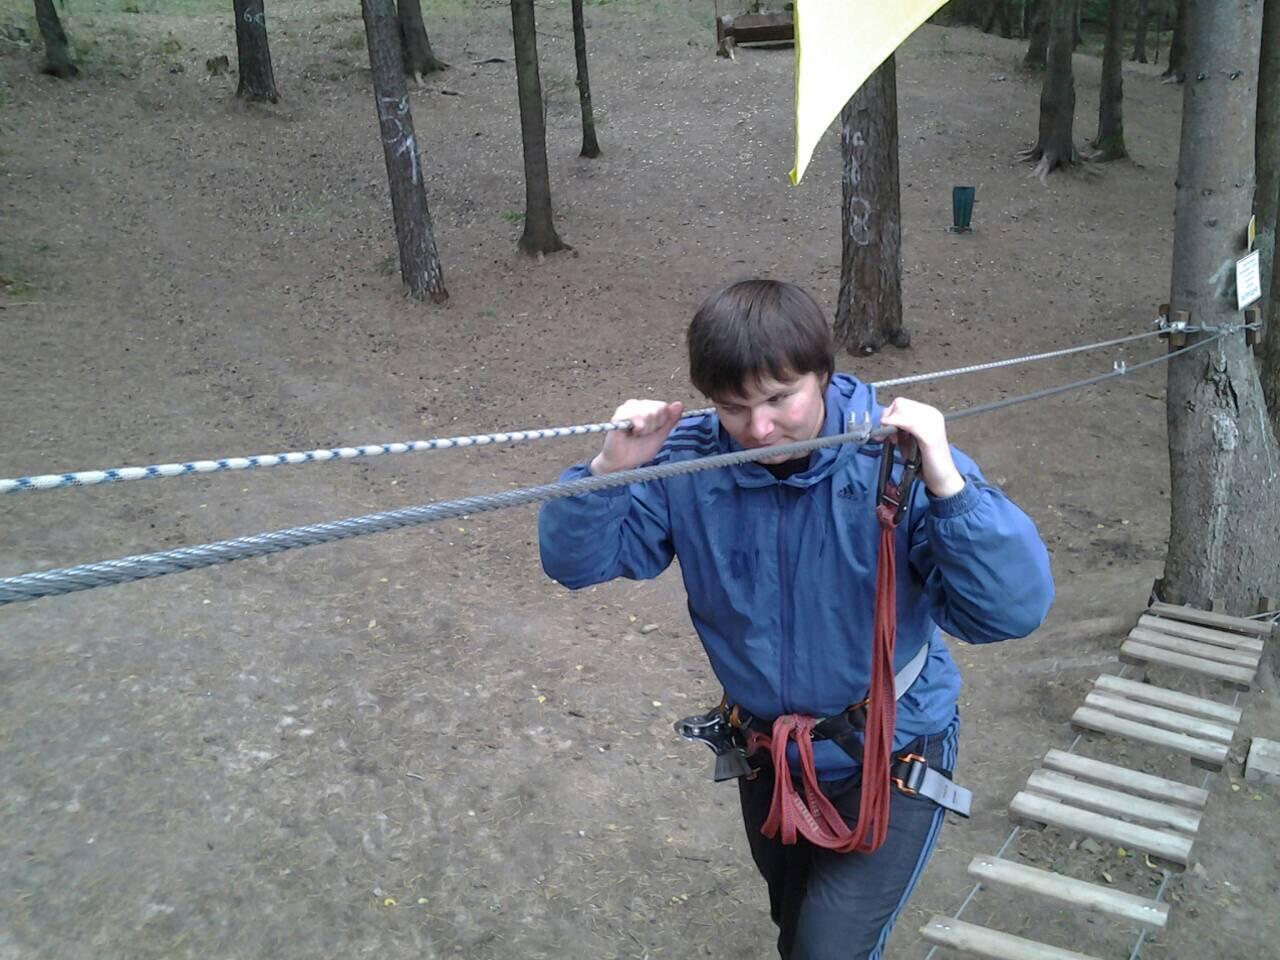 Юрий Ардынов проходит спортивное препятствие